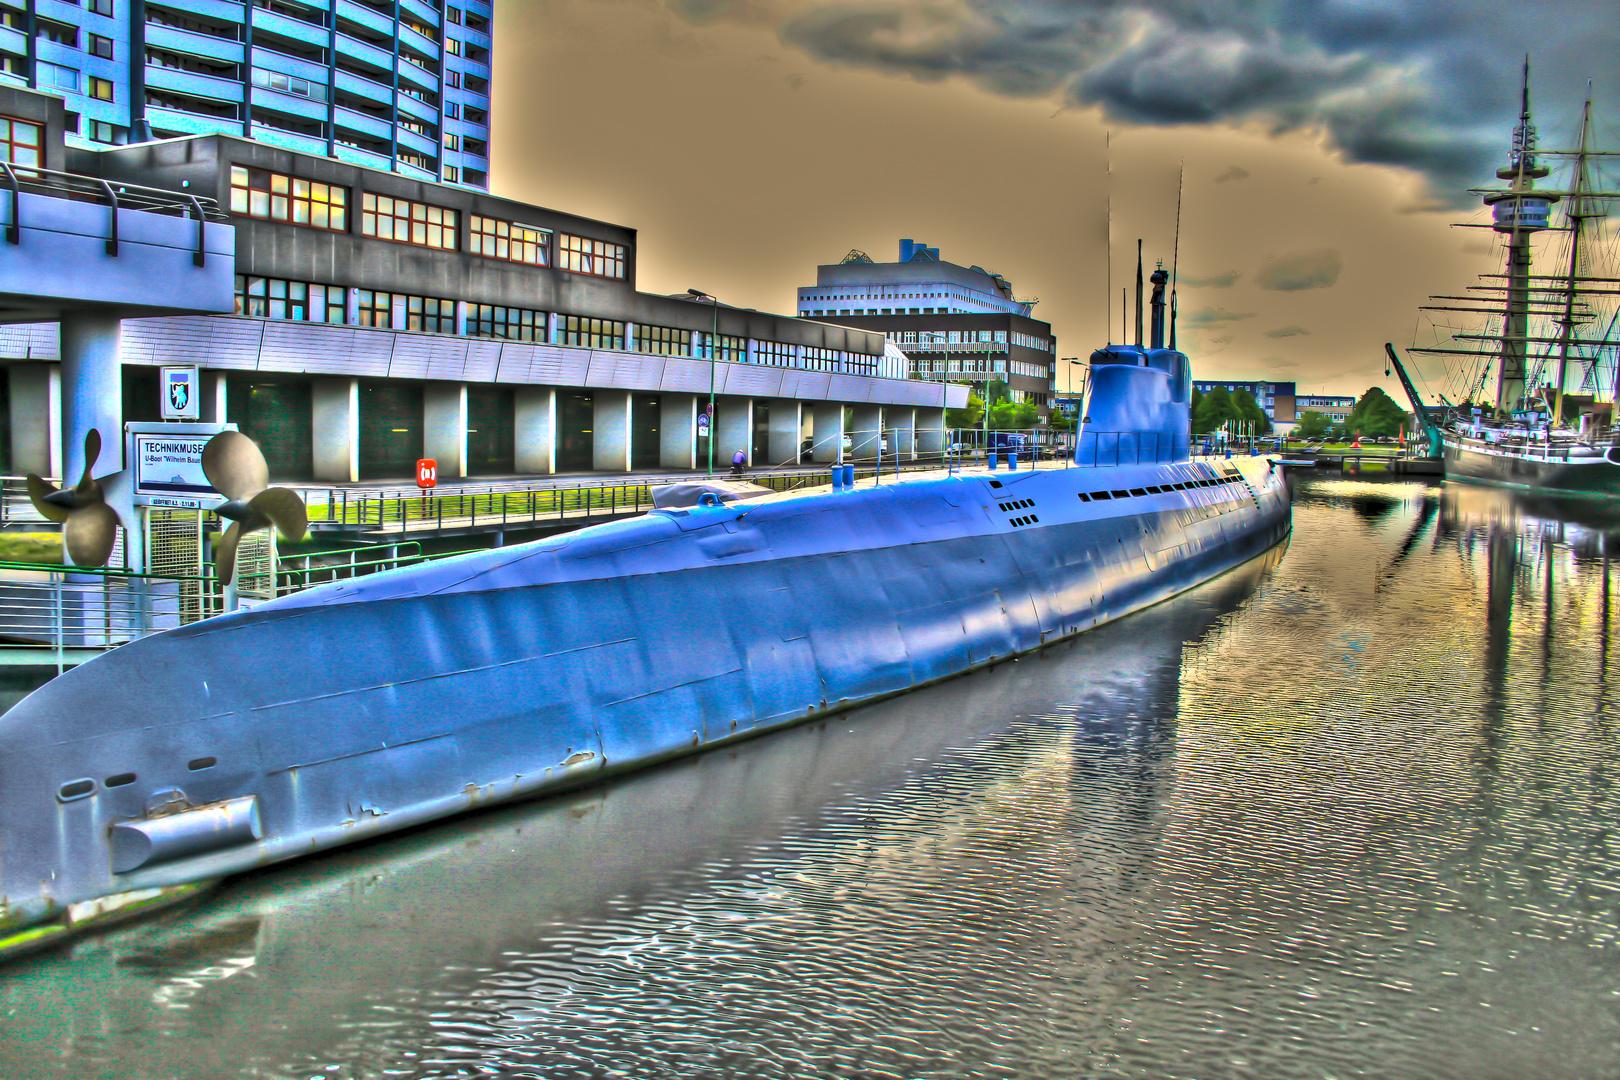 U-Boot Bremerhaven